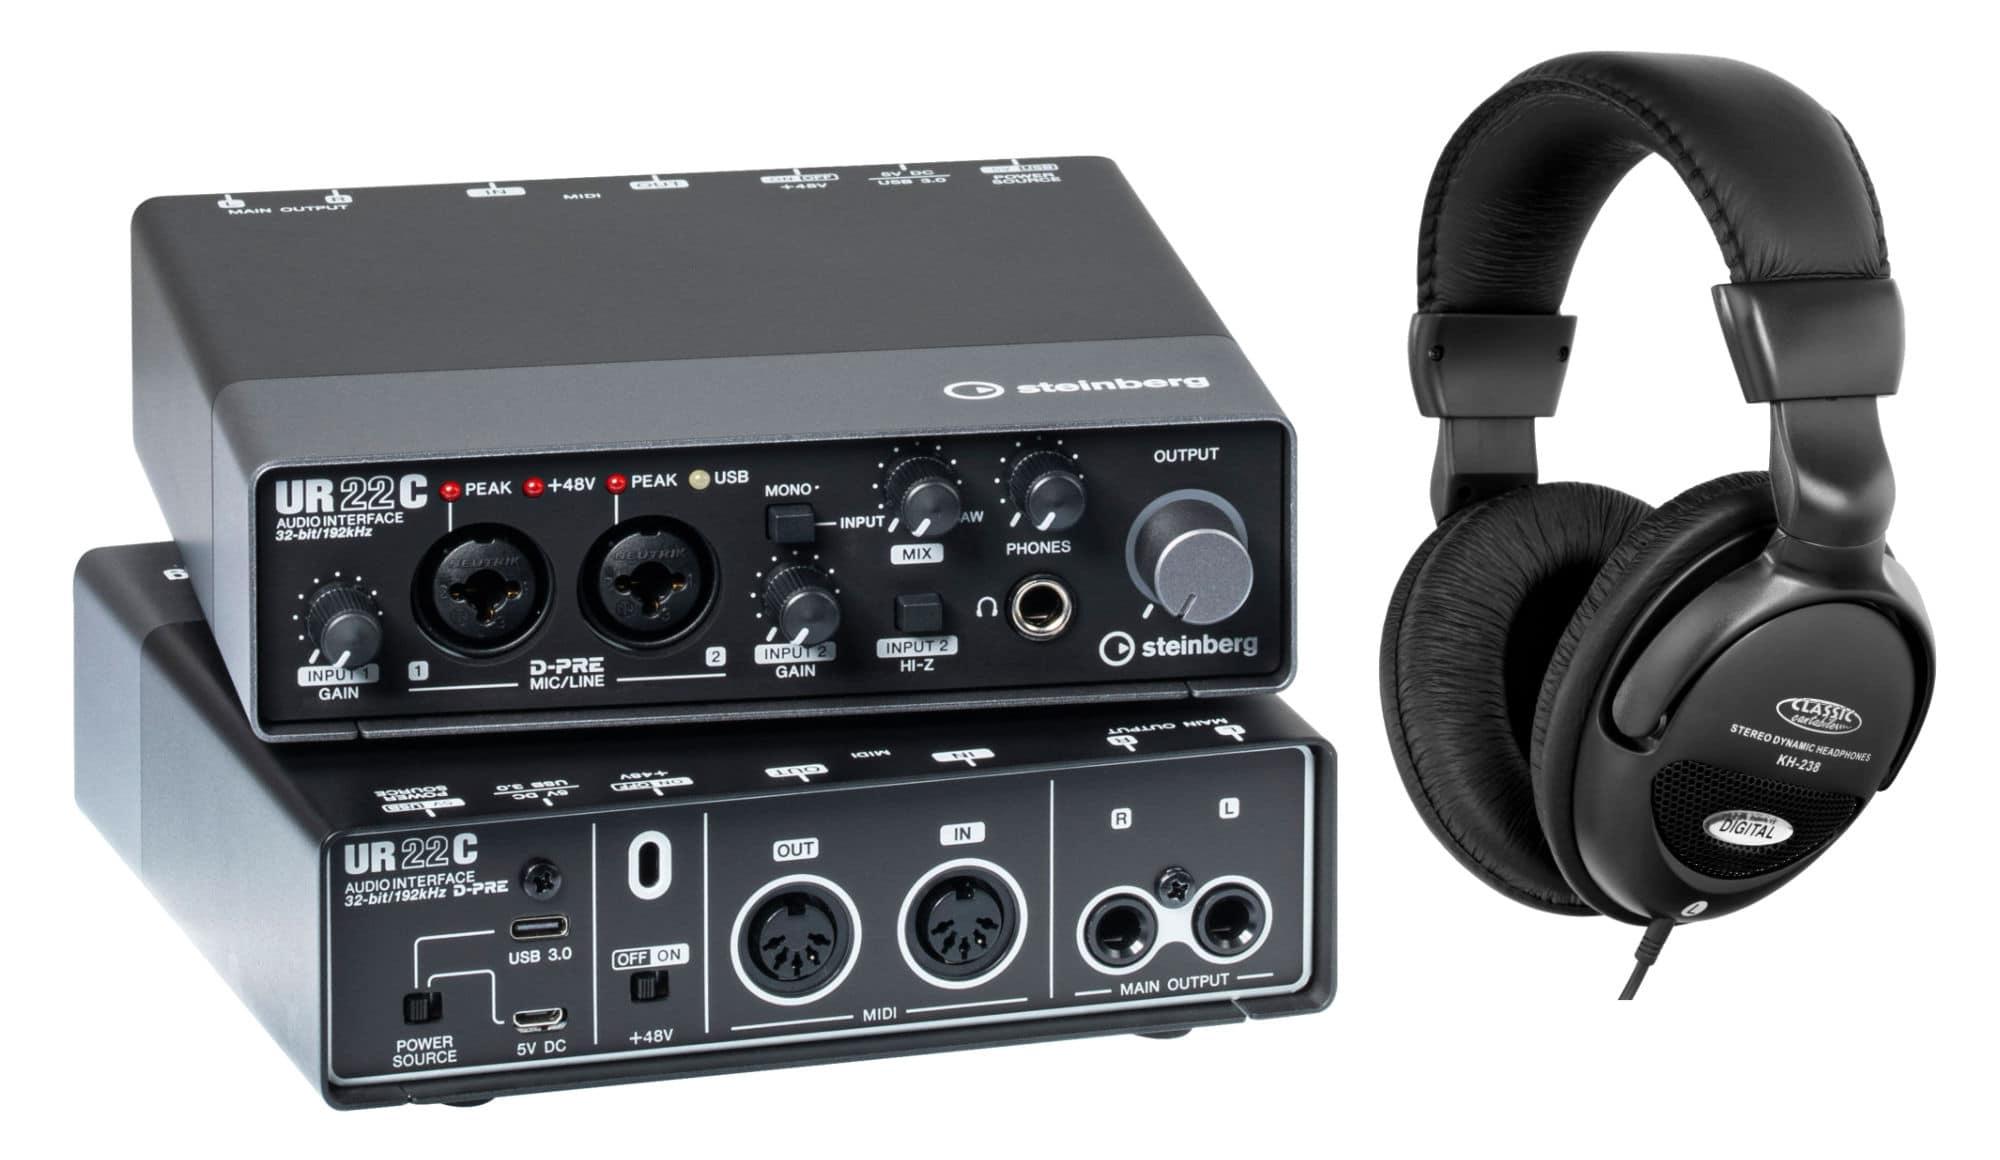 Pchardware - Steinberg UR22C USB Audio Interface Set - Onlineshop Musikhaus Kirstein